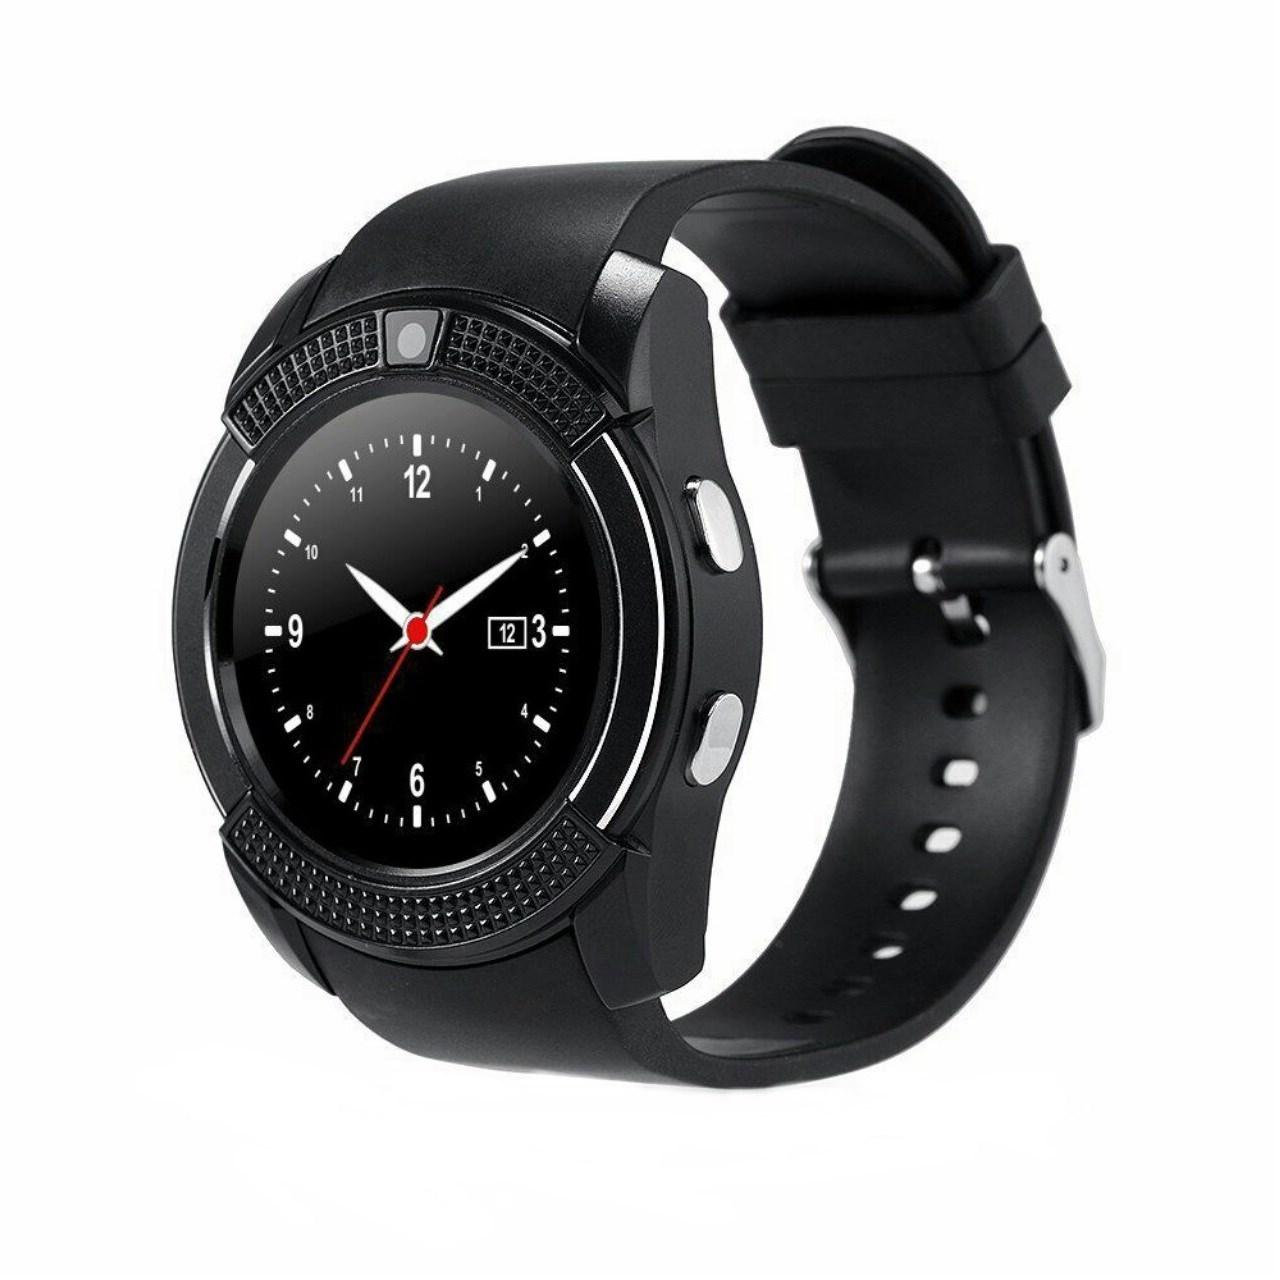 ساعت هوشمند ایتاپ مدلSW4